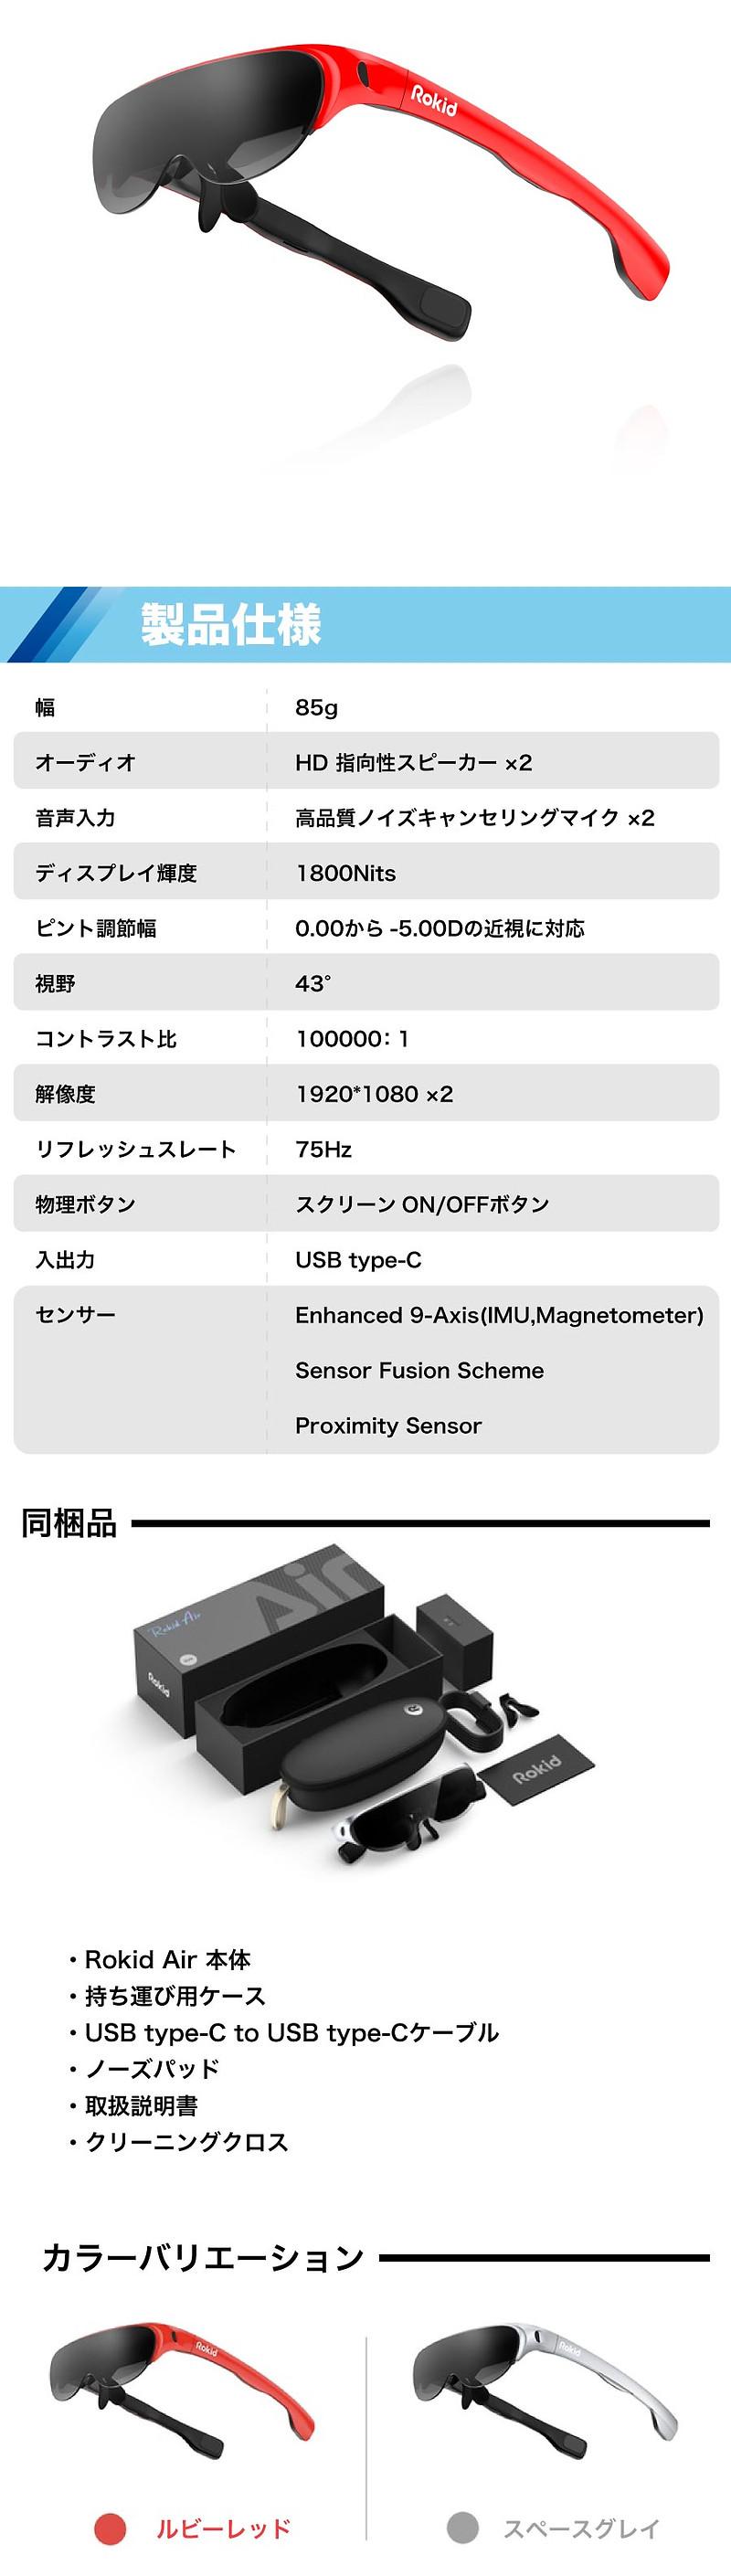 rokid-air-lp-015-2.jpg